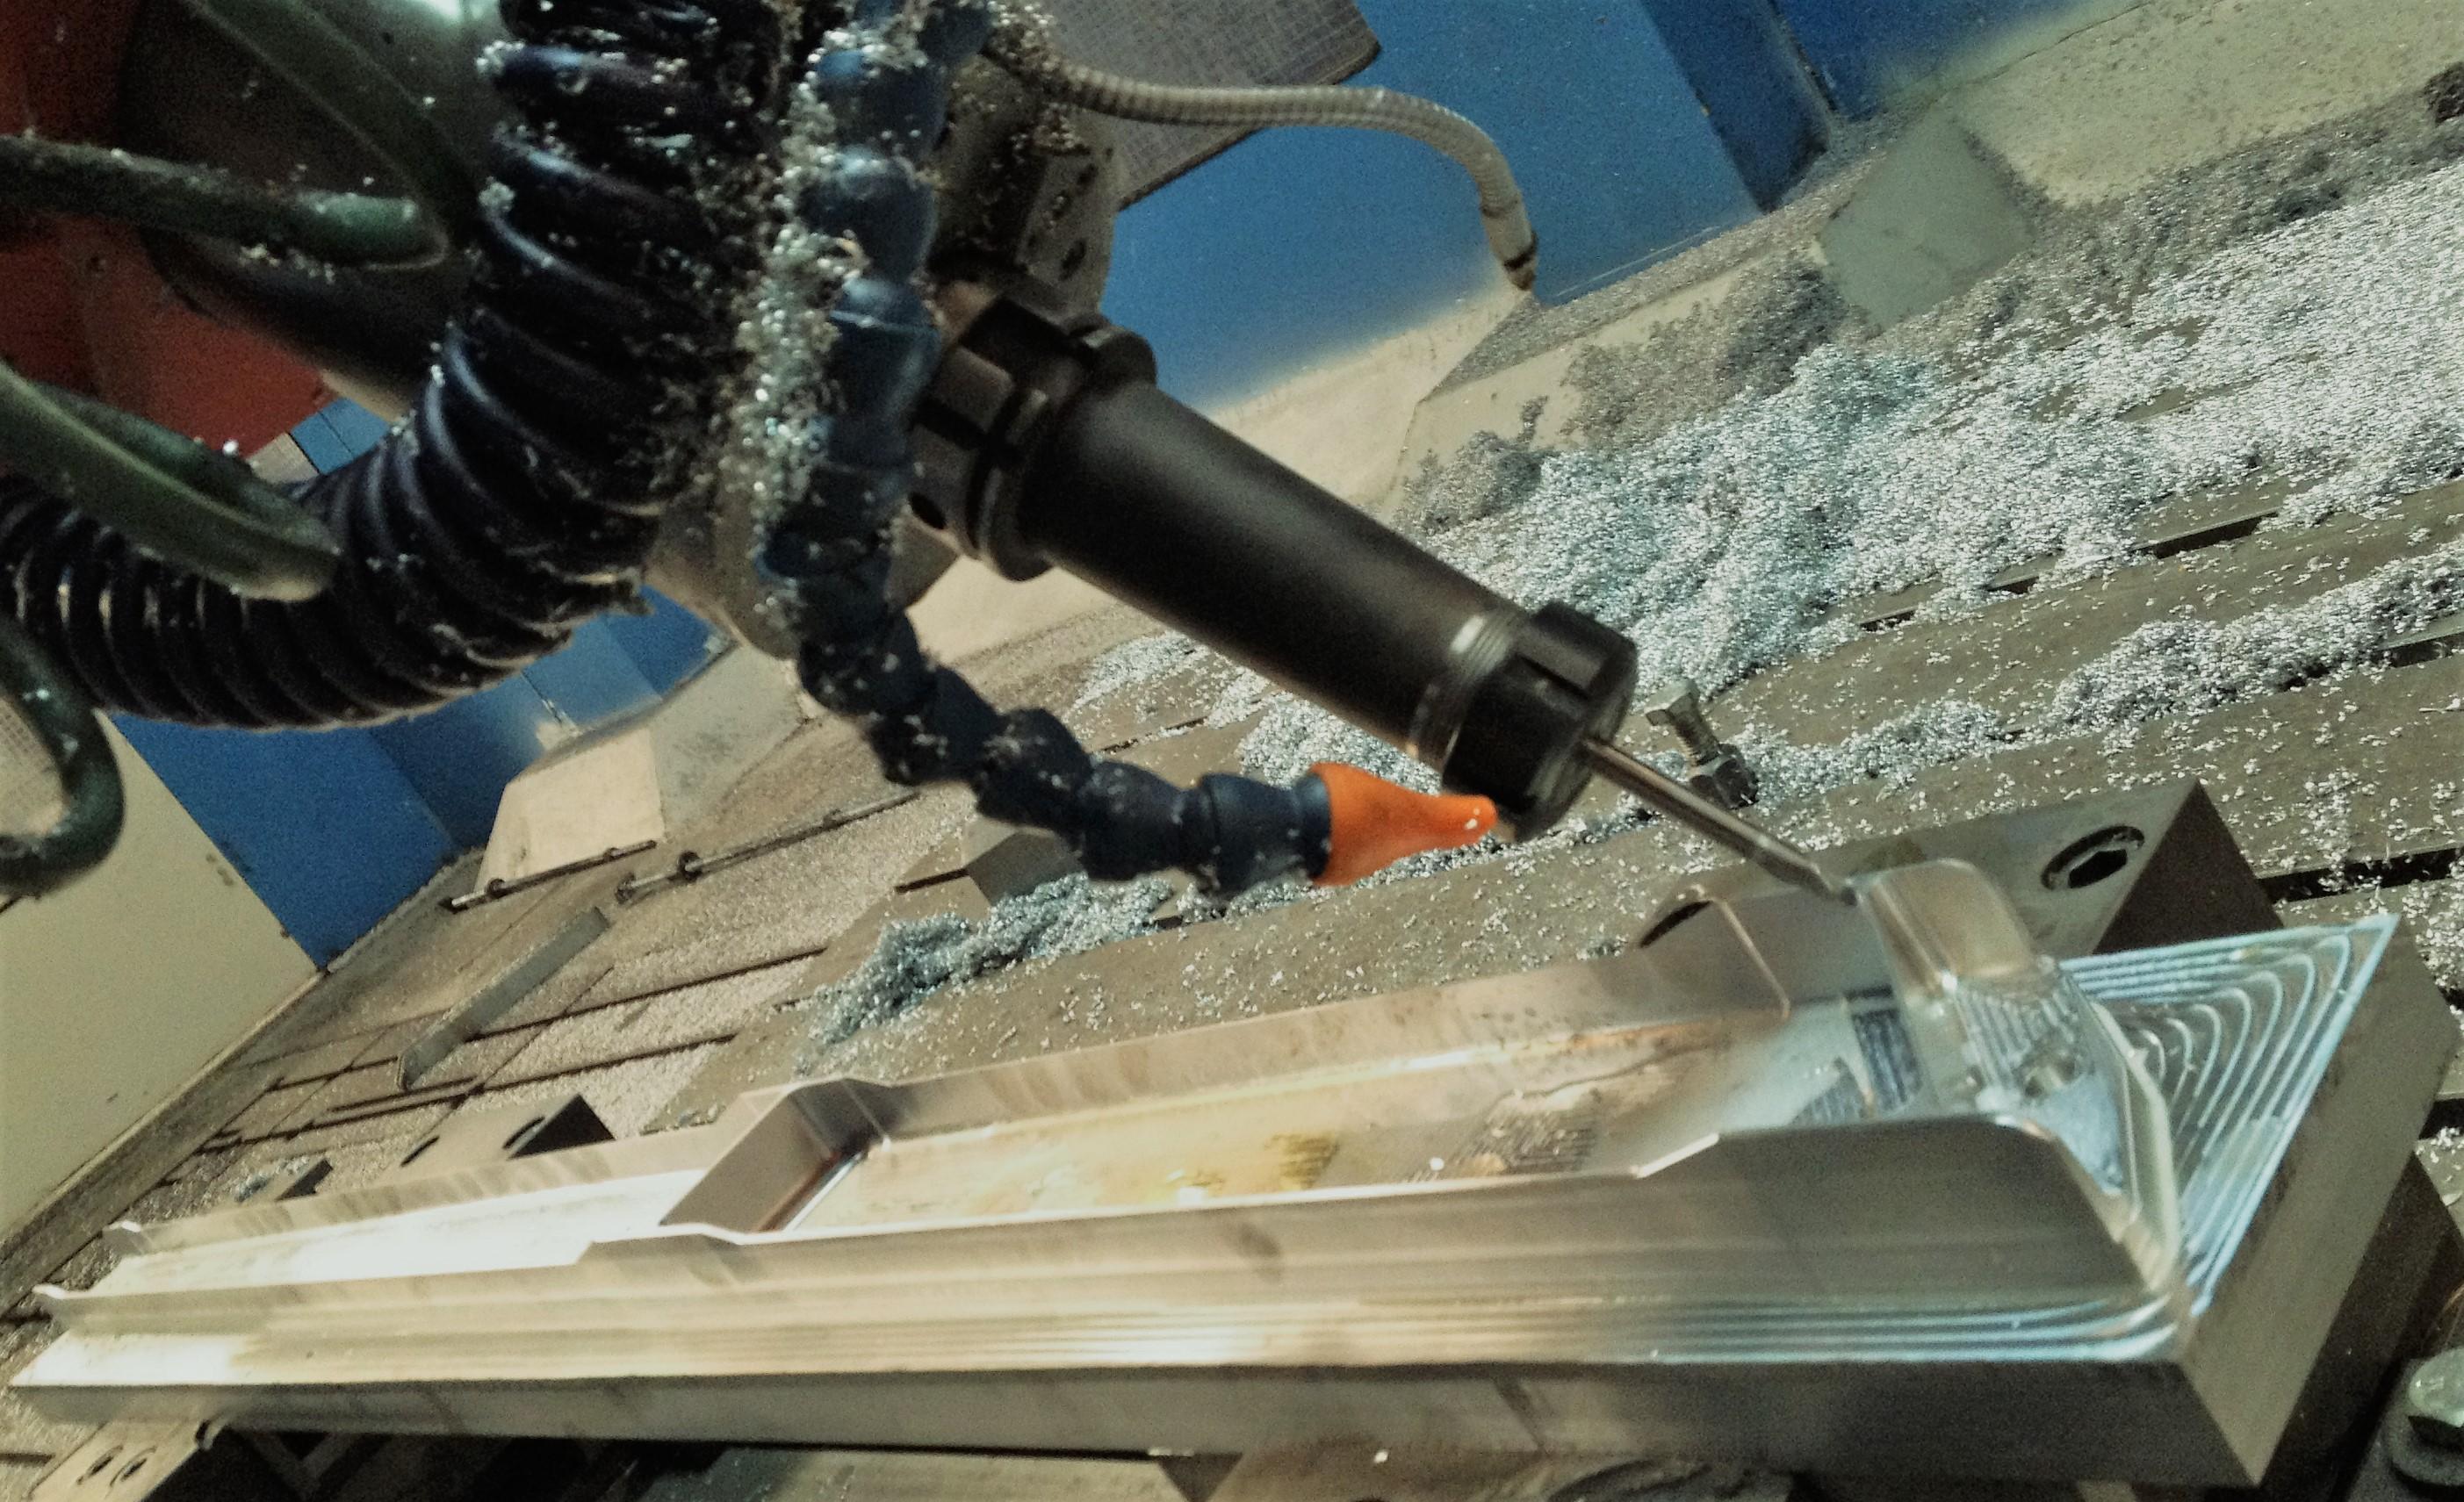 IMG 1104 - Machining